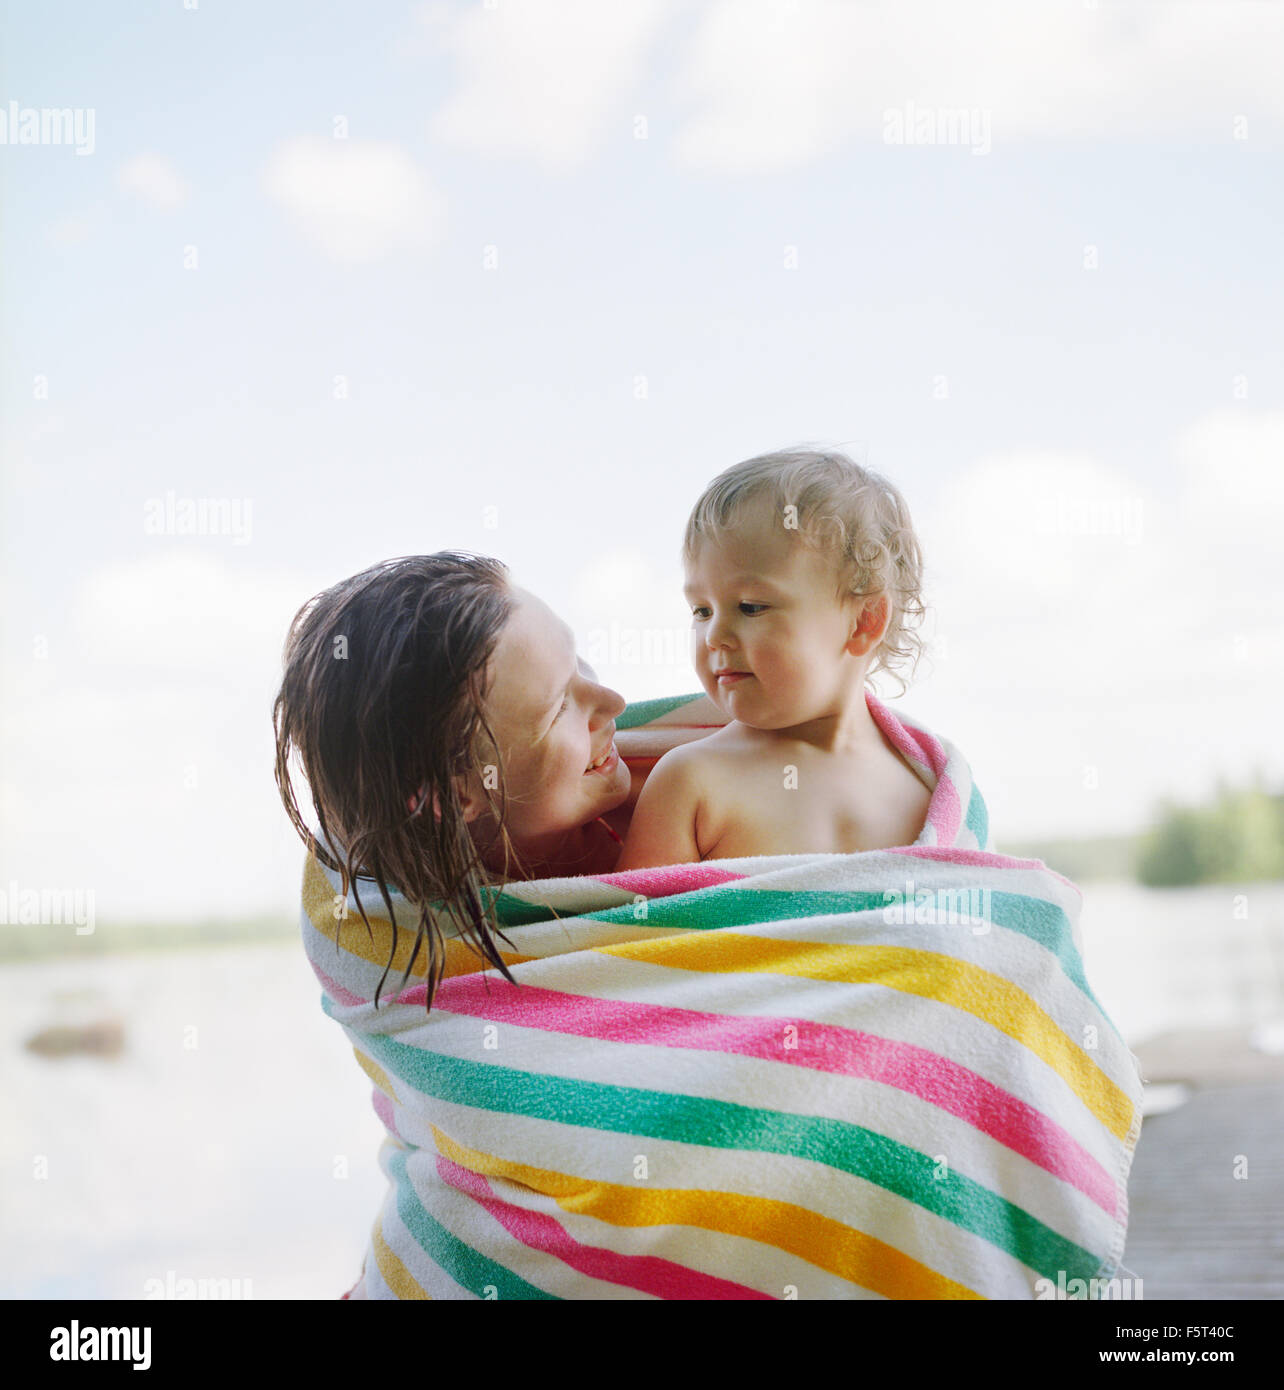 Finlandia, Uusimaa, Lapinjarvi, madre e figlia (2-3) avvolto in asciugamano Immagini Stock